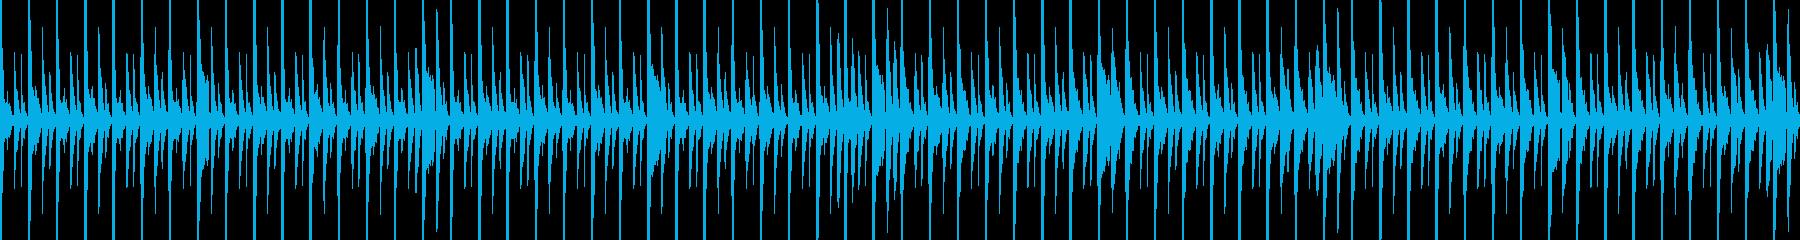 (Loop)ハウスのリズムトラックの再生済みの波形